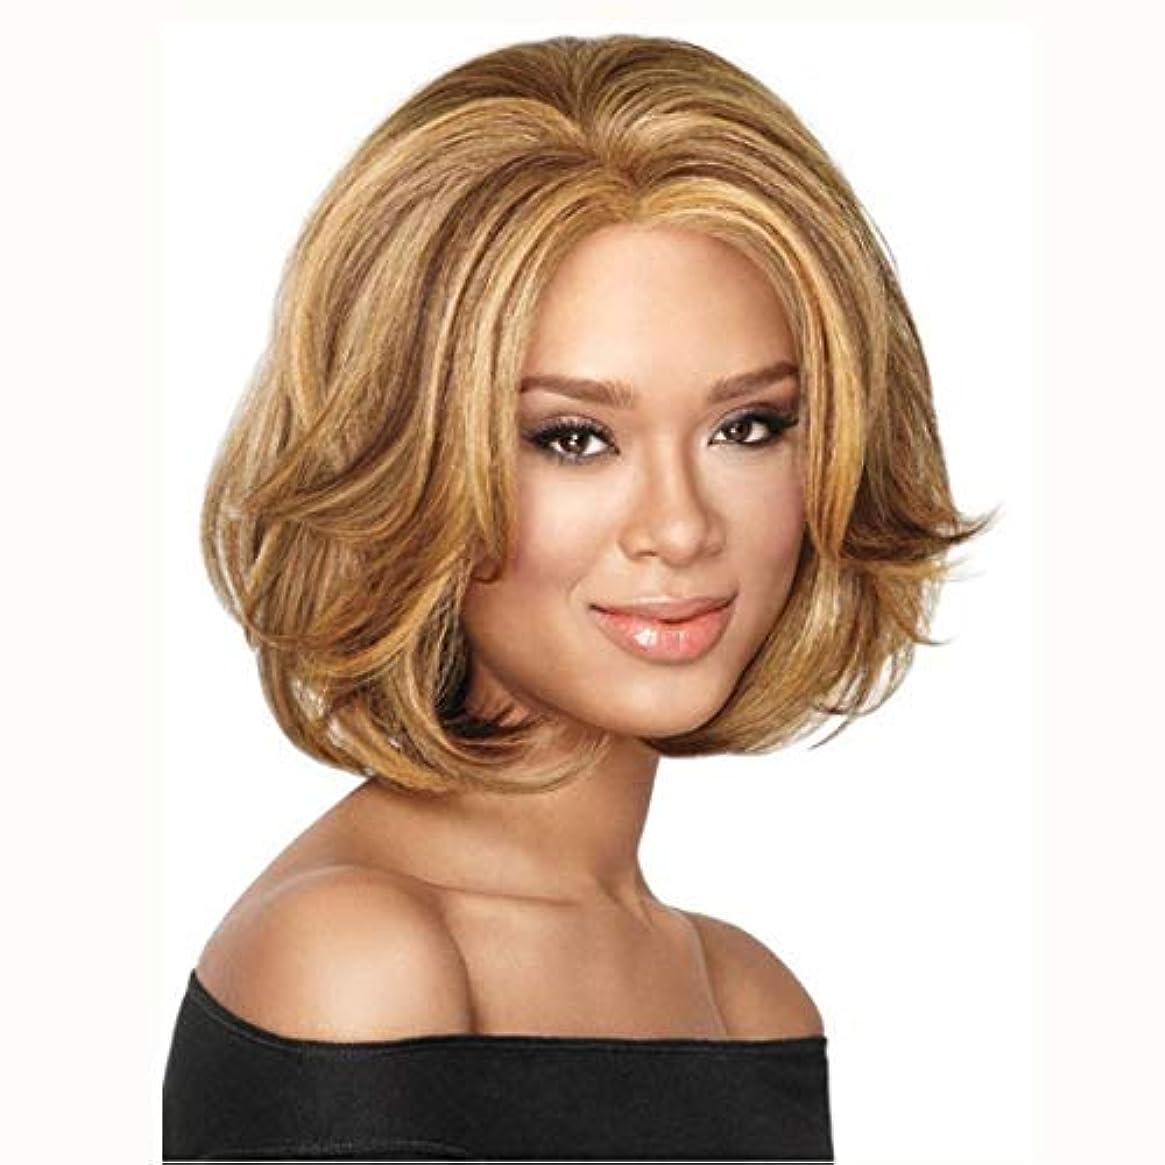 急性言い換えると寝てるSummerys 短い髪ゴールデン巻き毛ふわふわ短い巻き毛ハイライトウィッグ女性用ヘッドギア